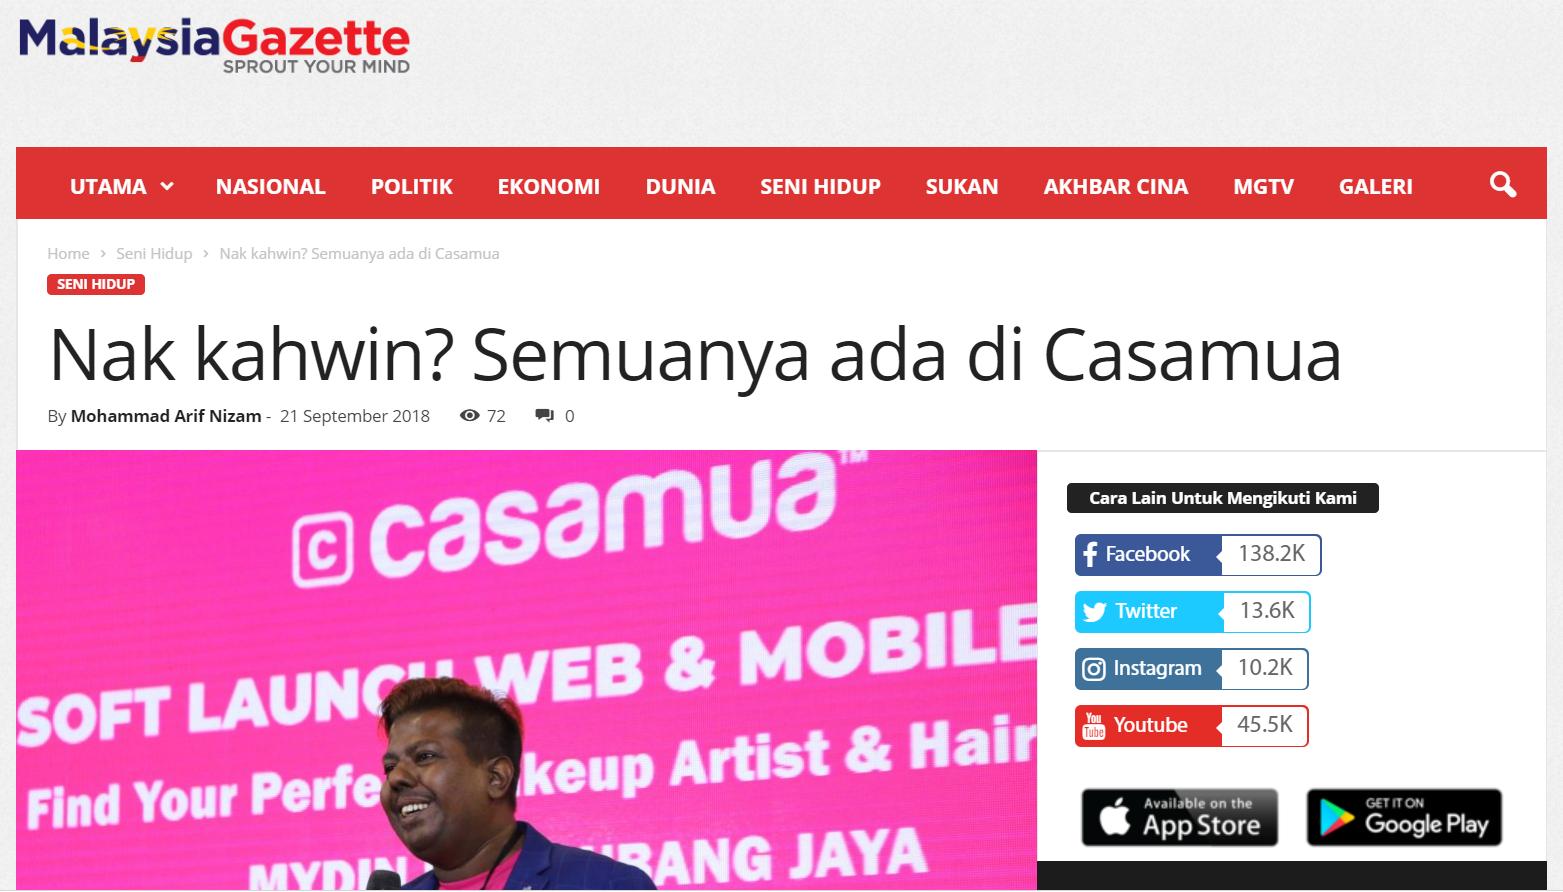 Casamua Soft Launch 2018